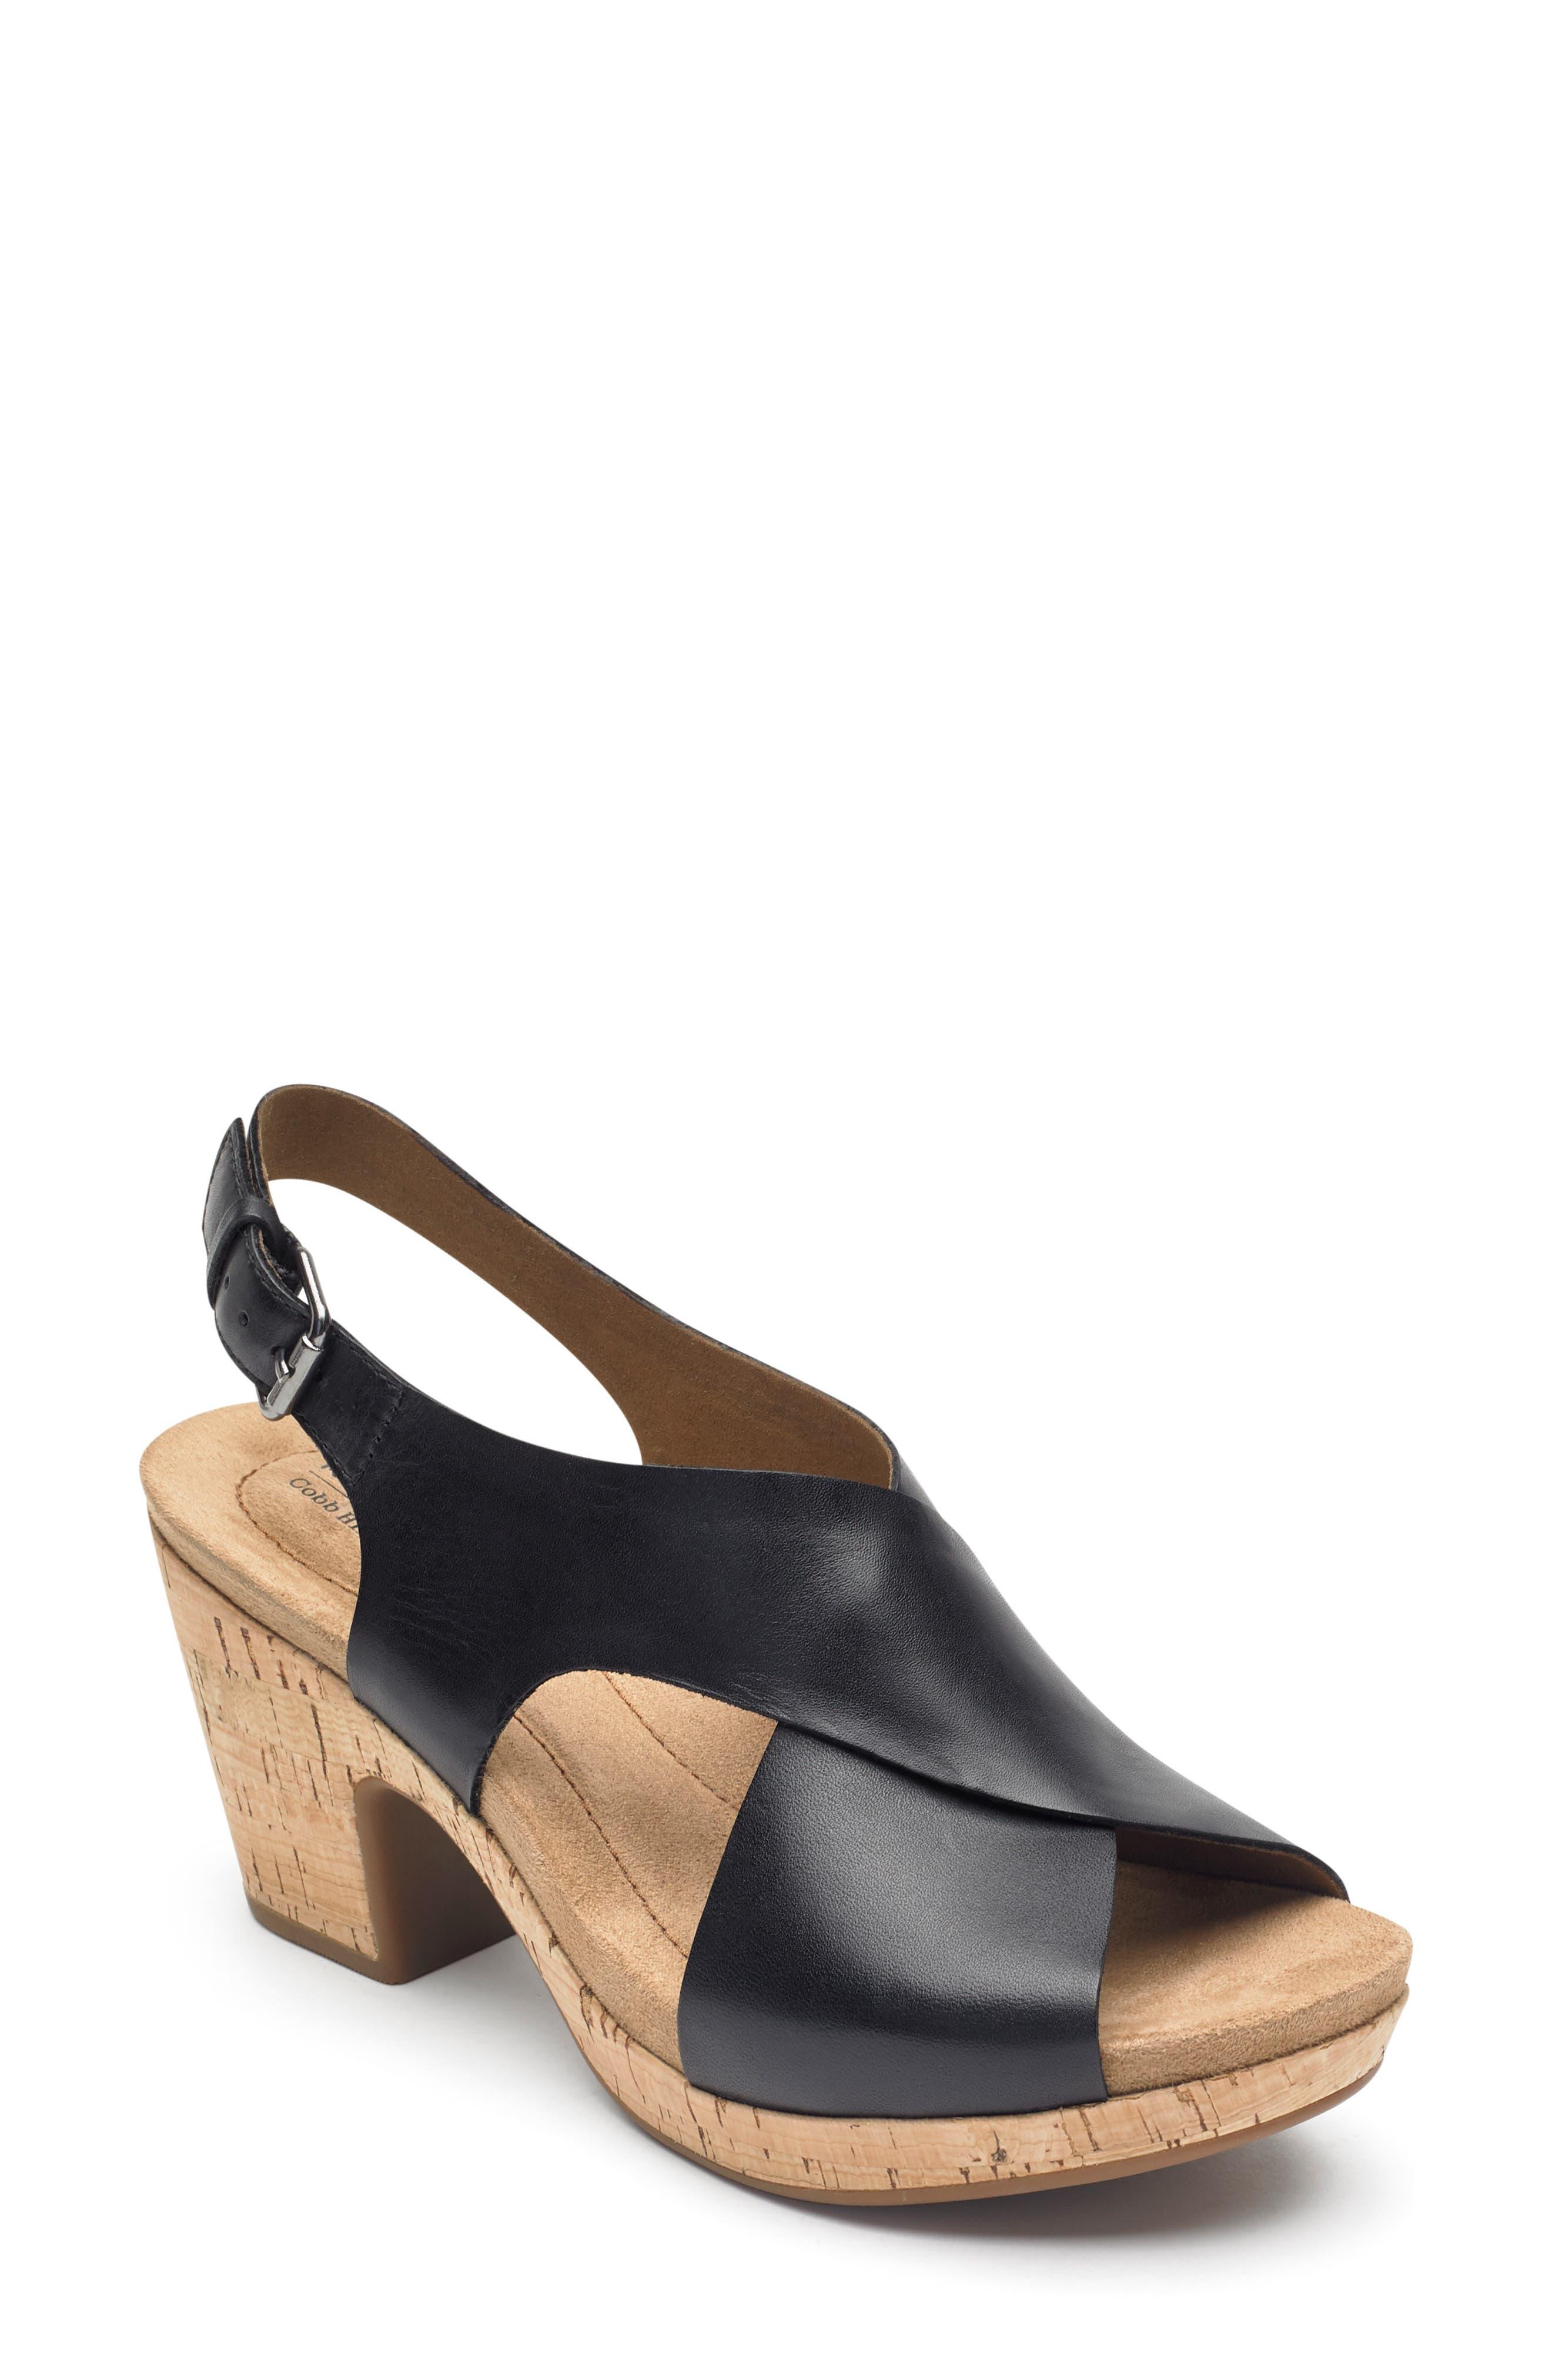 Women's Rockport Cobb Hill Shoes Sale